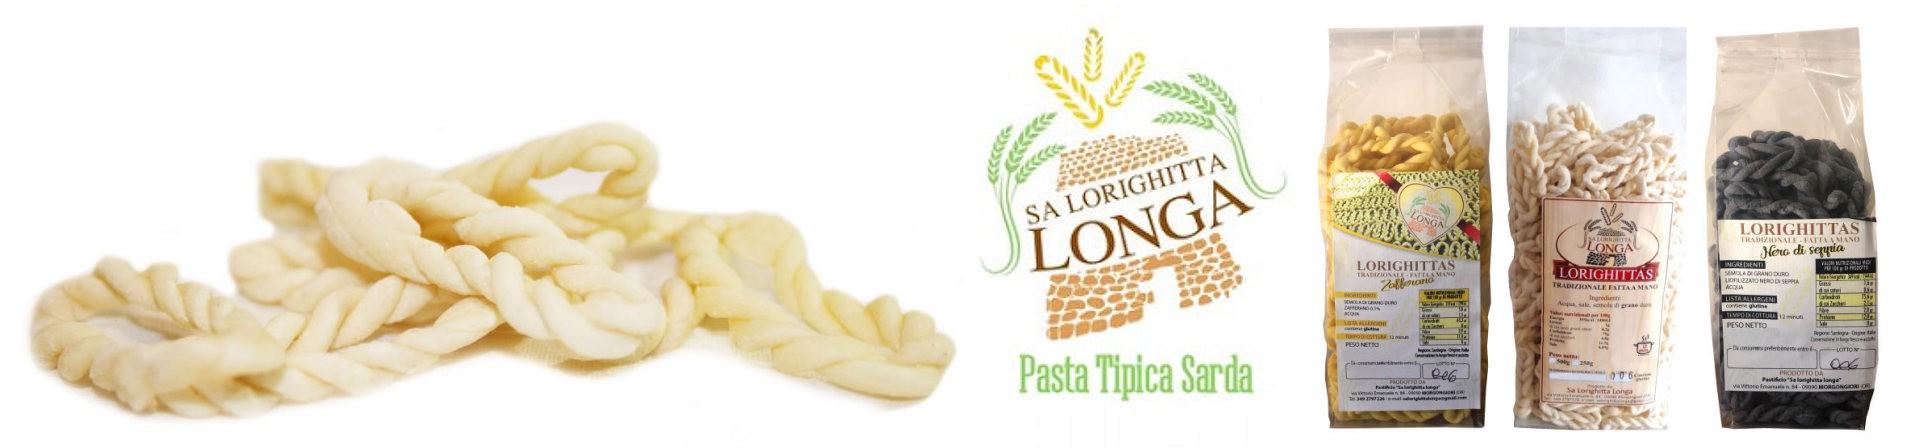 Pasta tipica sarda Lorighittas vendita online - Sa Lorighitta Longa